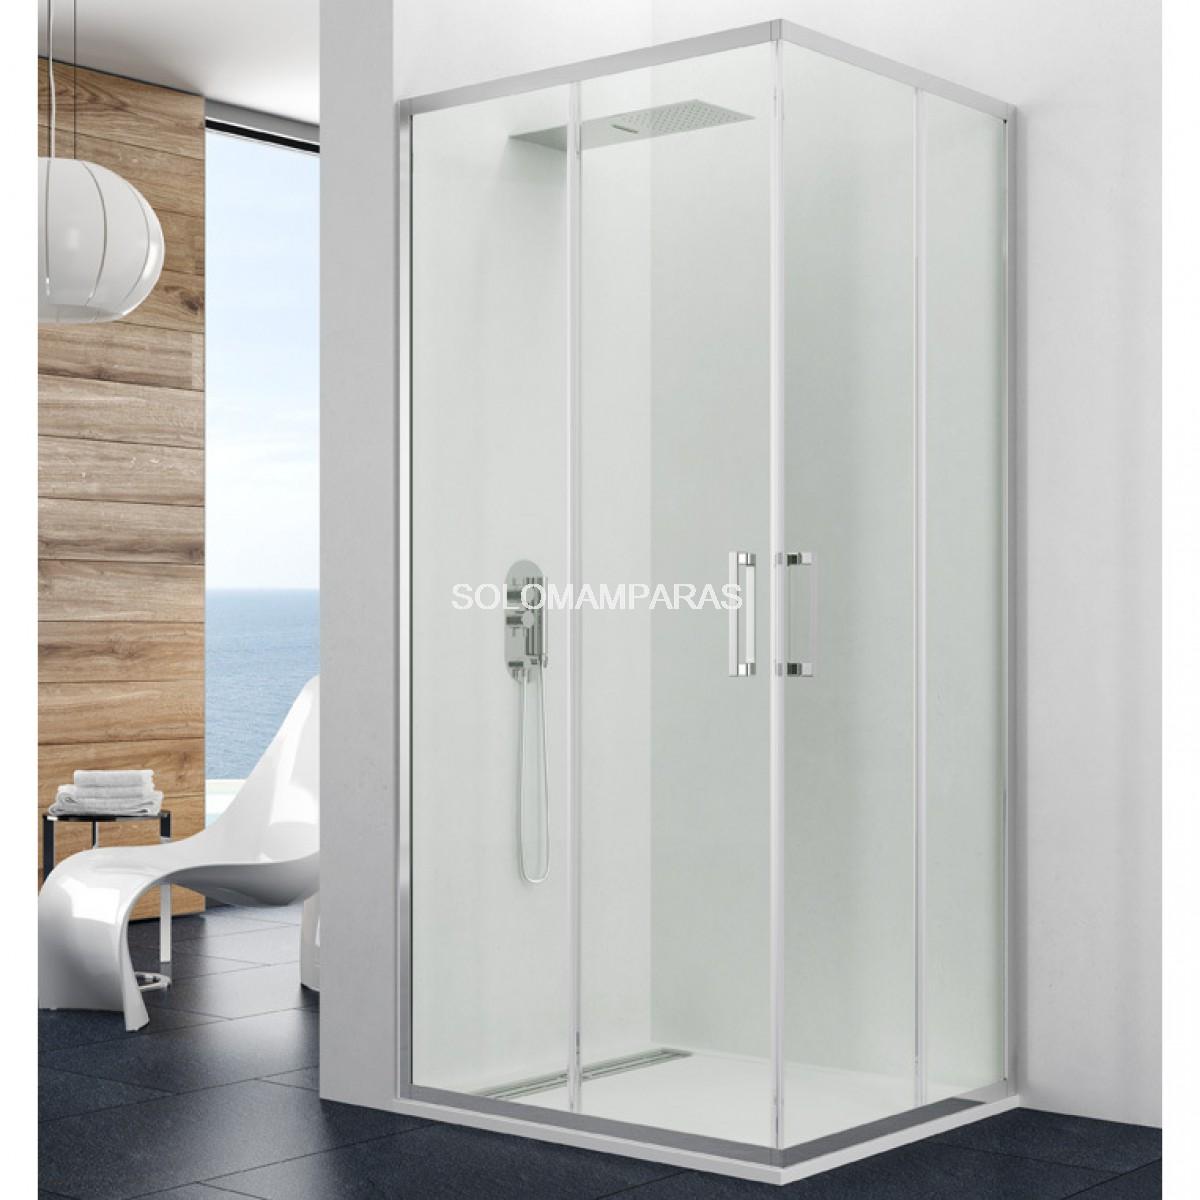 Mampara de ducha gme prestige angular 2 fijas 2 - Platos de ducha con mampara ...